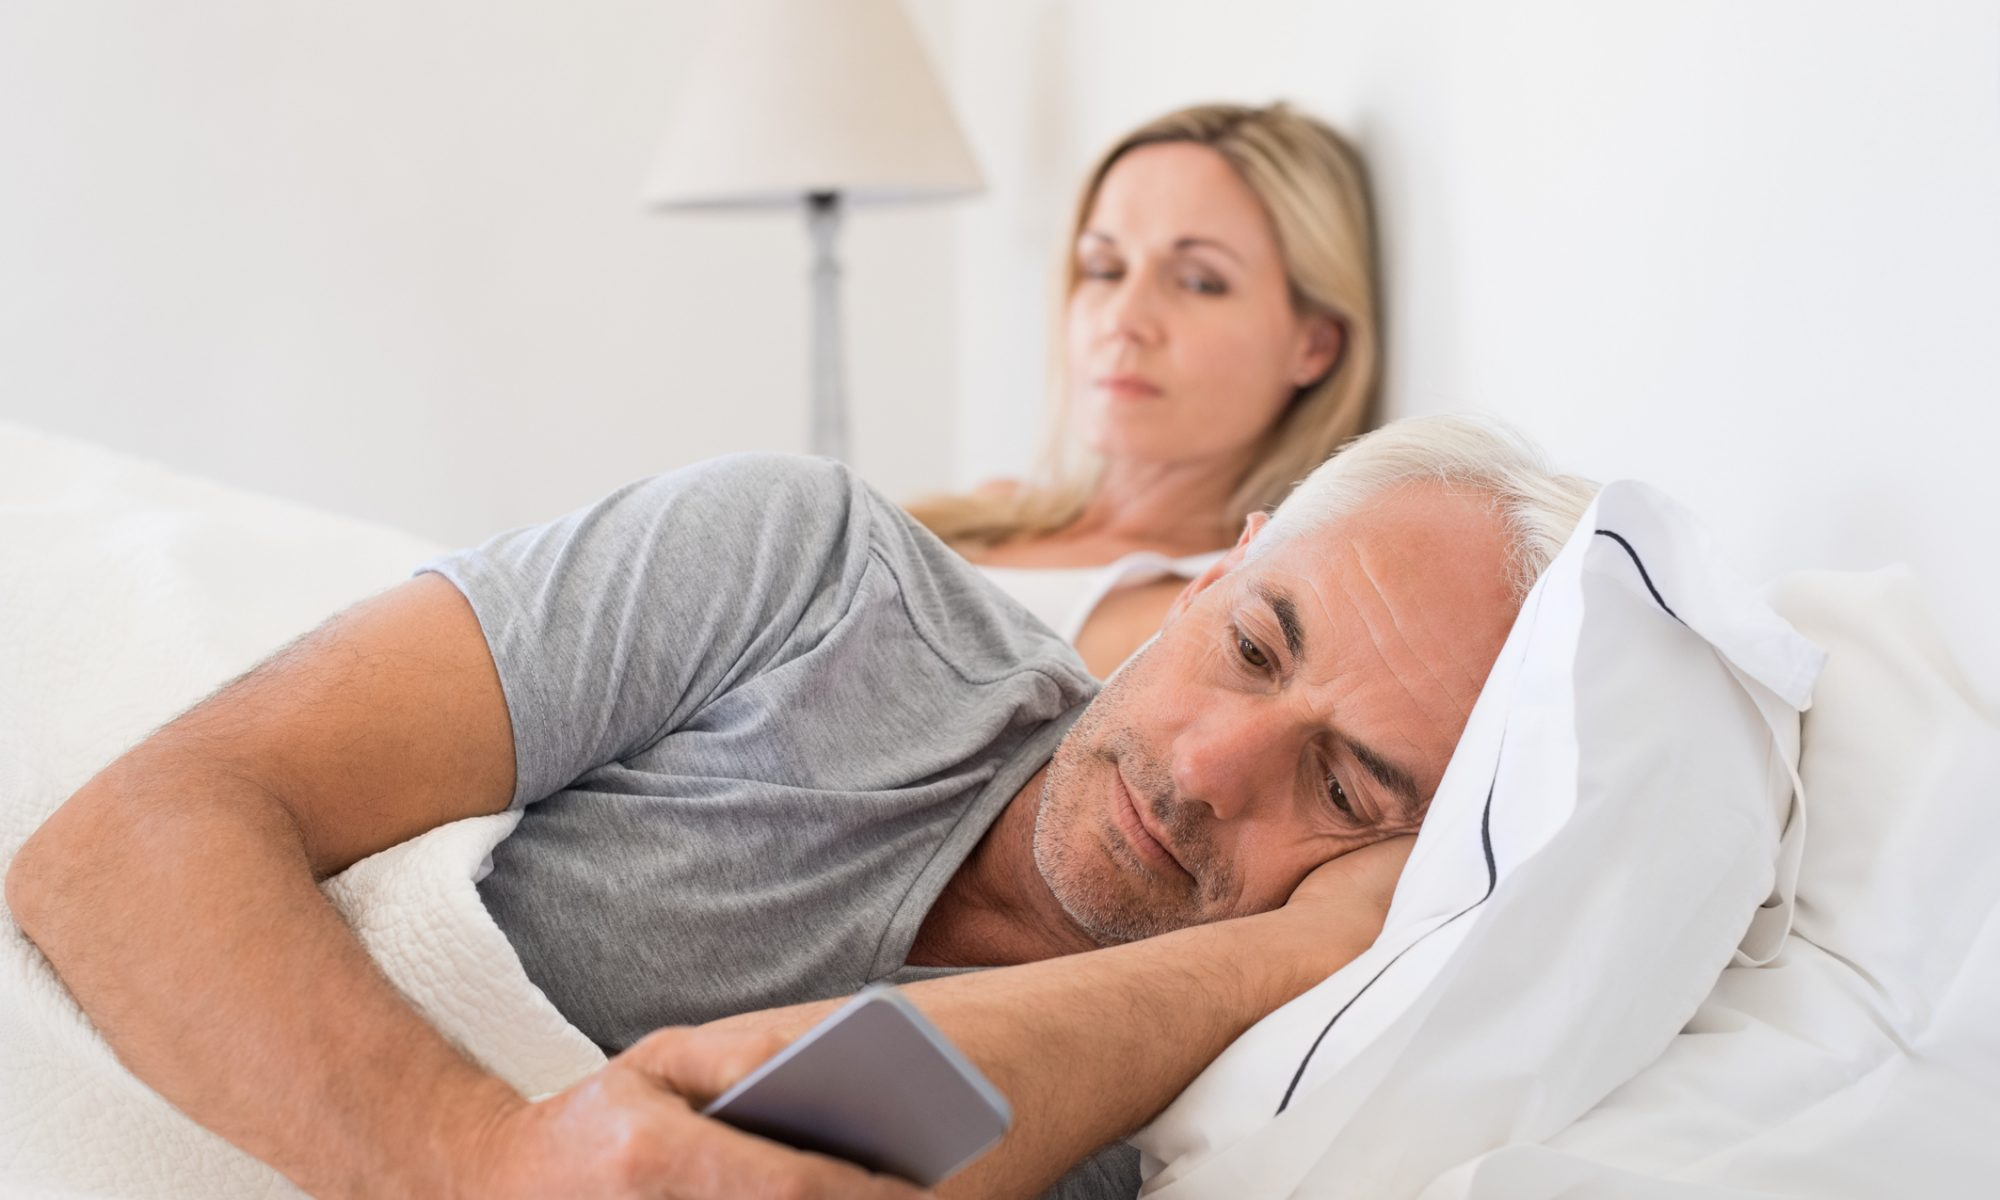 Eifersüchtige Frau beobachtet ihren Mann am Handy